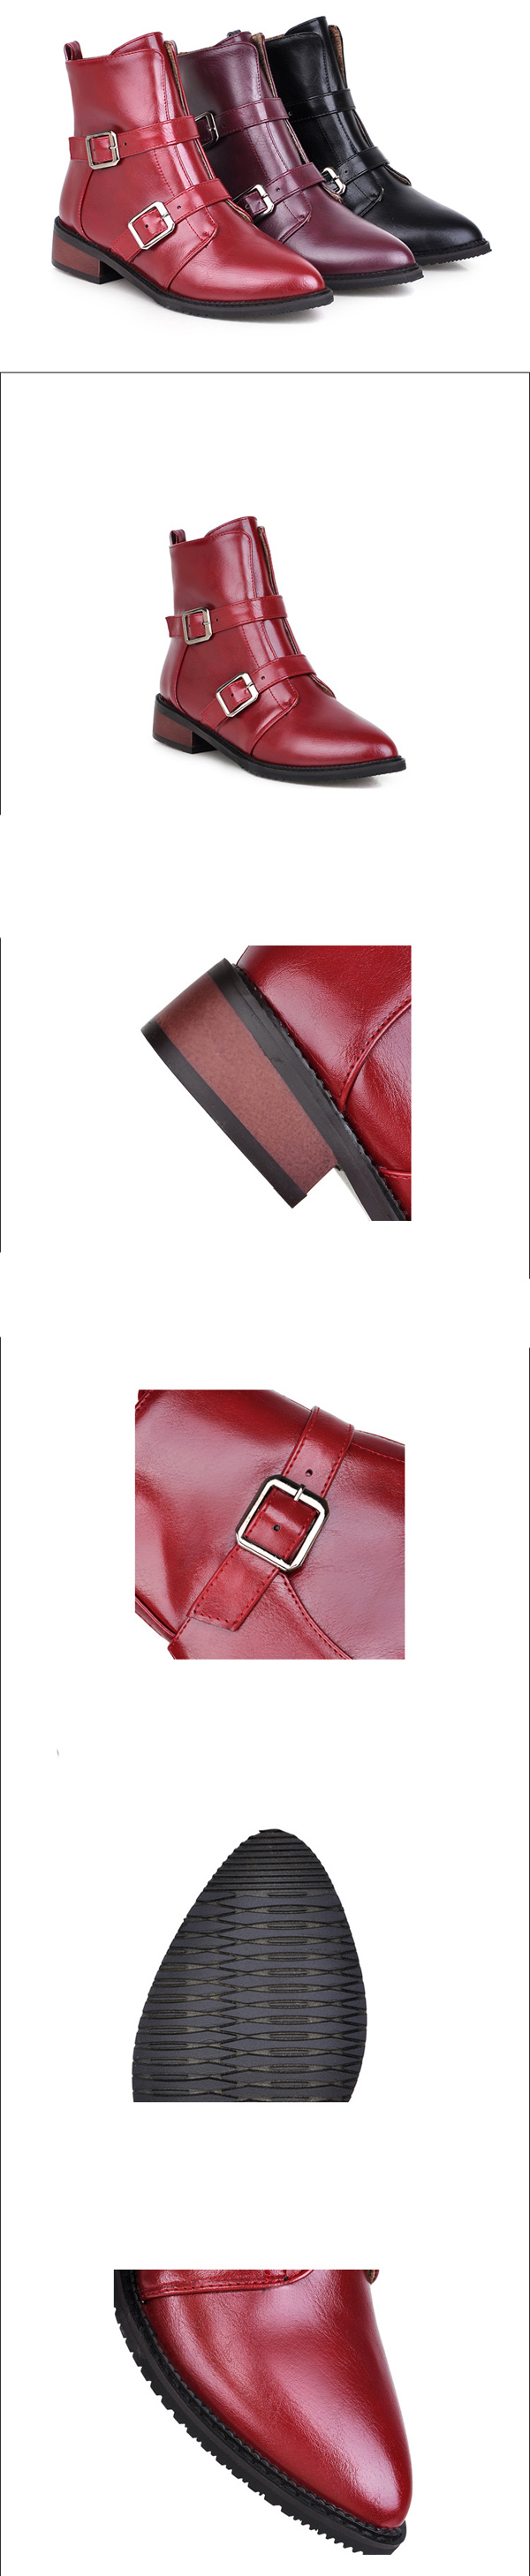 รองเท้าบูทสั้น หุ้มข้อแฟชั่นเกาหลีแบบหนังแต่งหัวเข็มขัดอินเทรนด์ นำเข้า ไซส์33ถึง43 - พรีออเดอร์RB2305 ราคา2200บาท